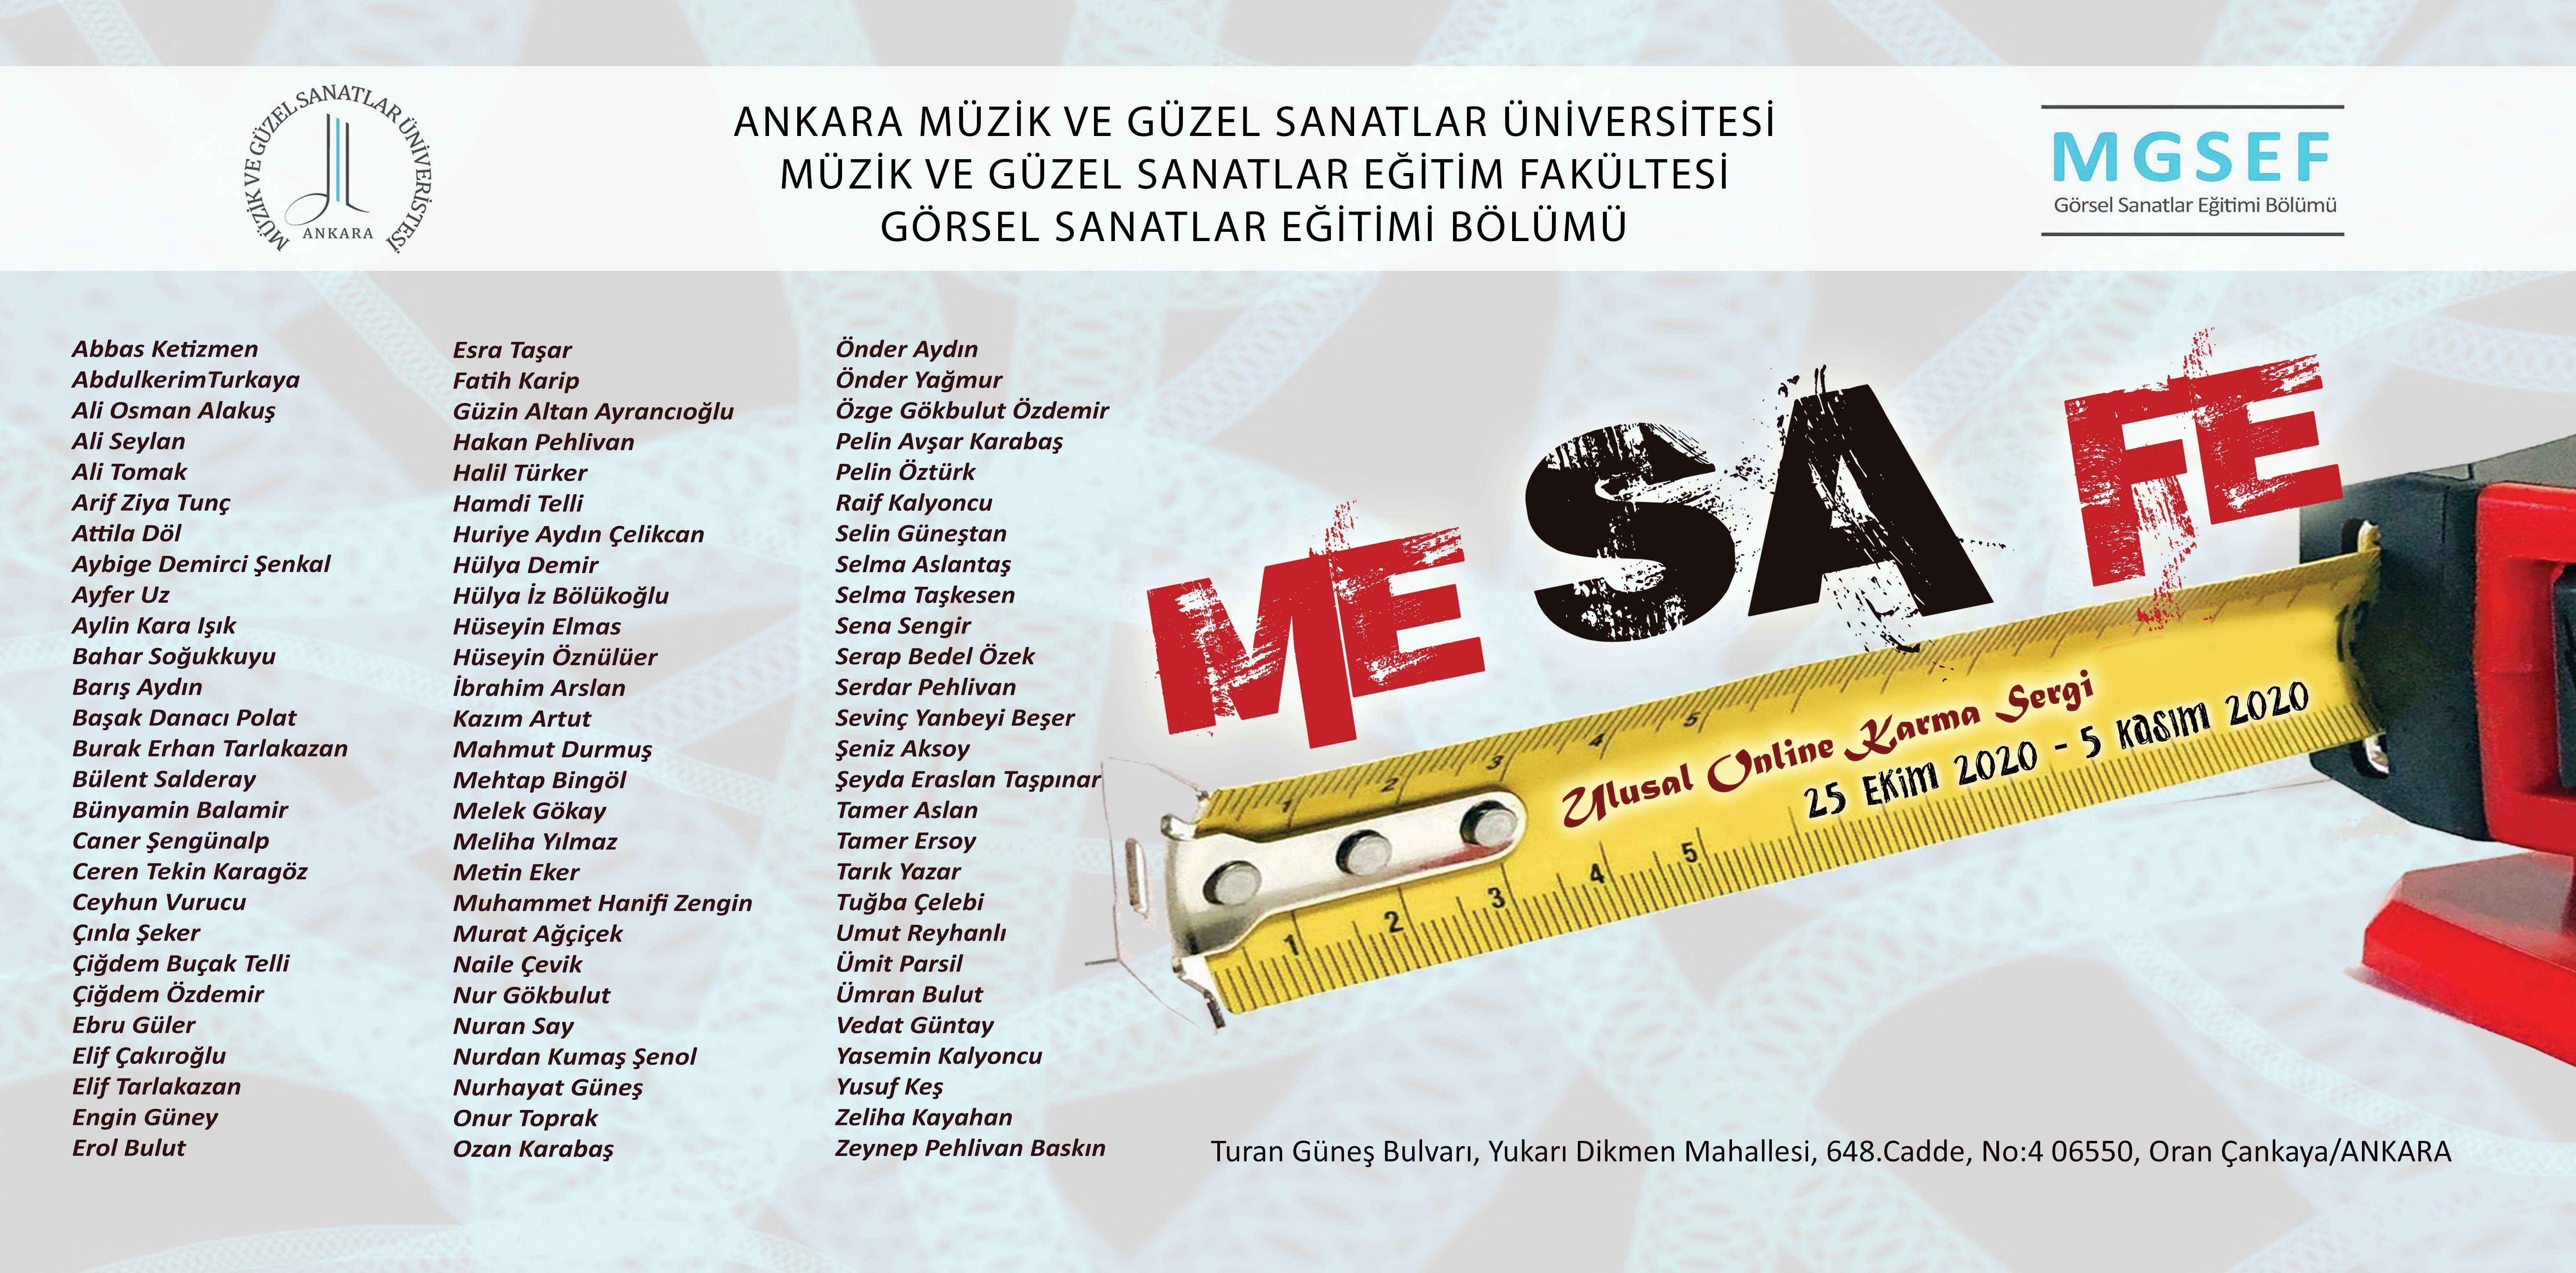 Mesafe Sergi Slayt